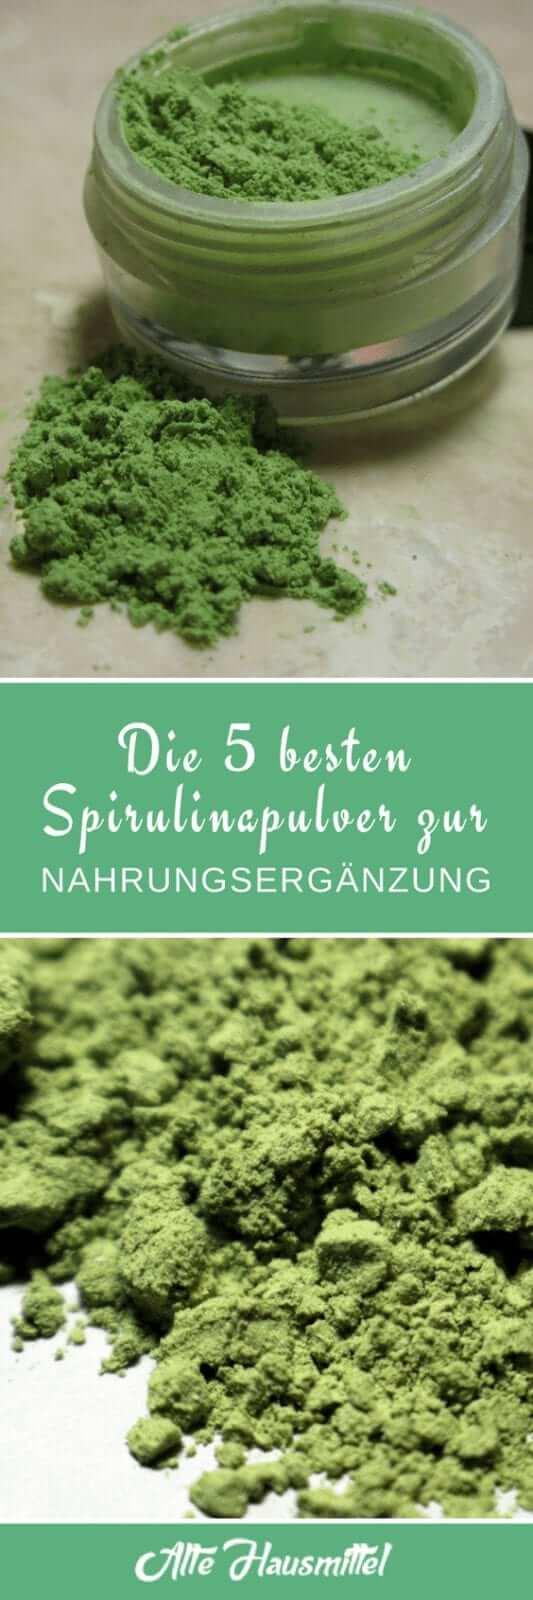 5 Gesundheitliche Vorteile von Spirulinapulver